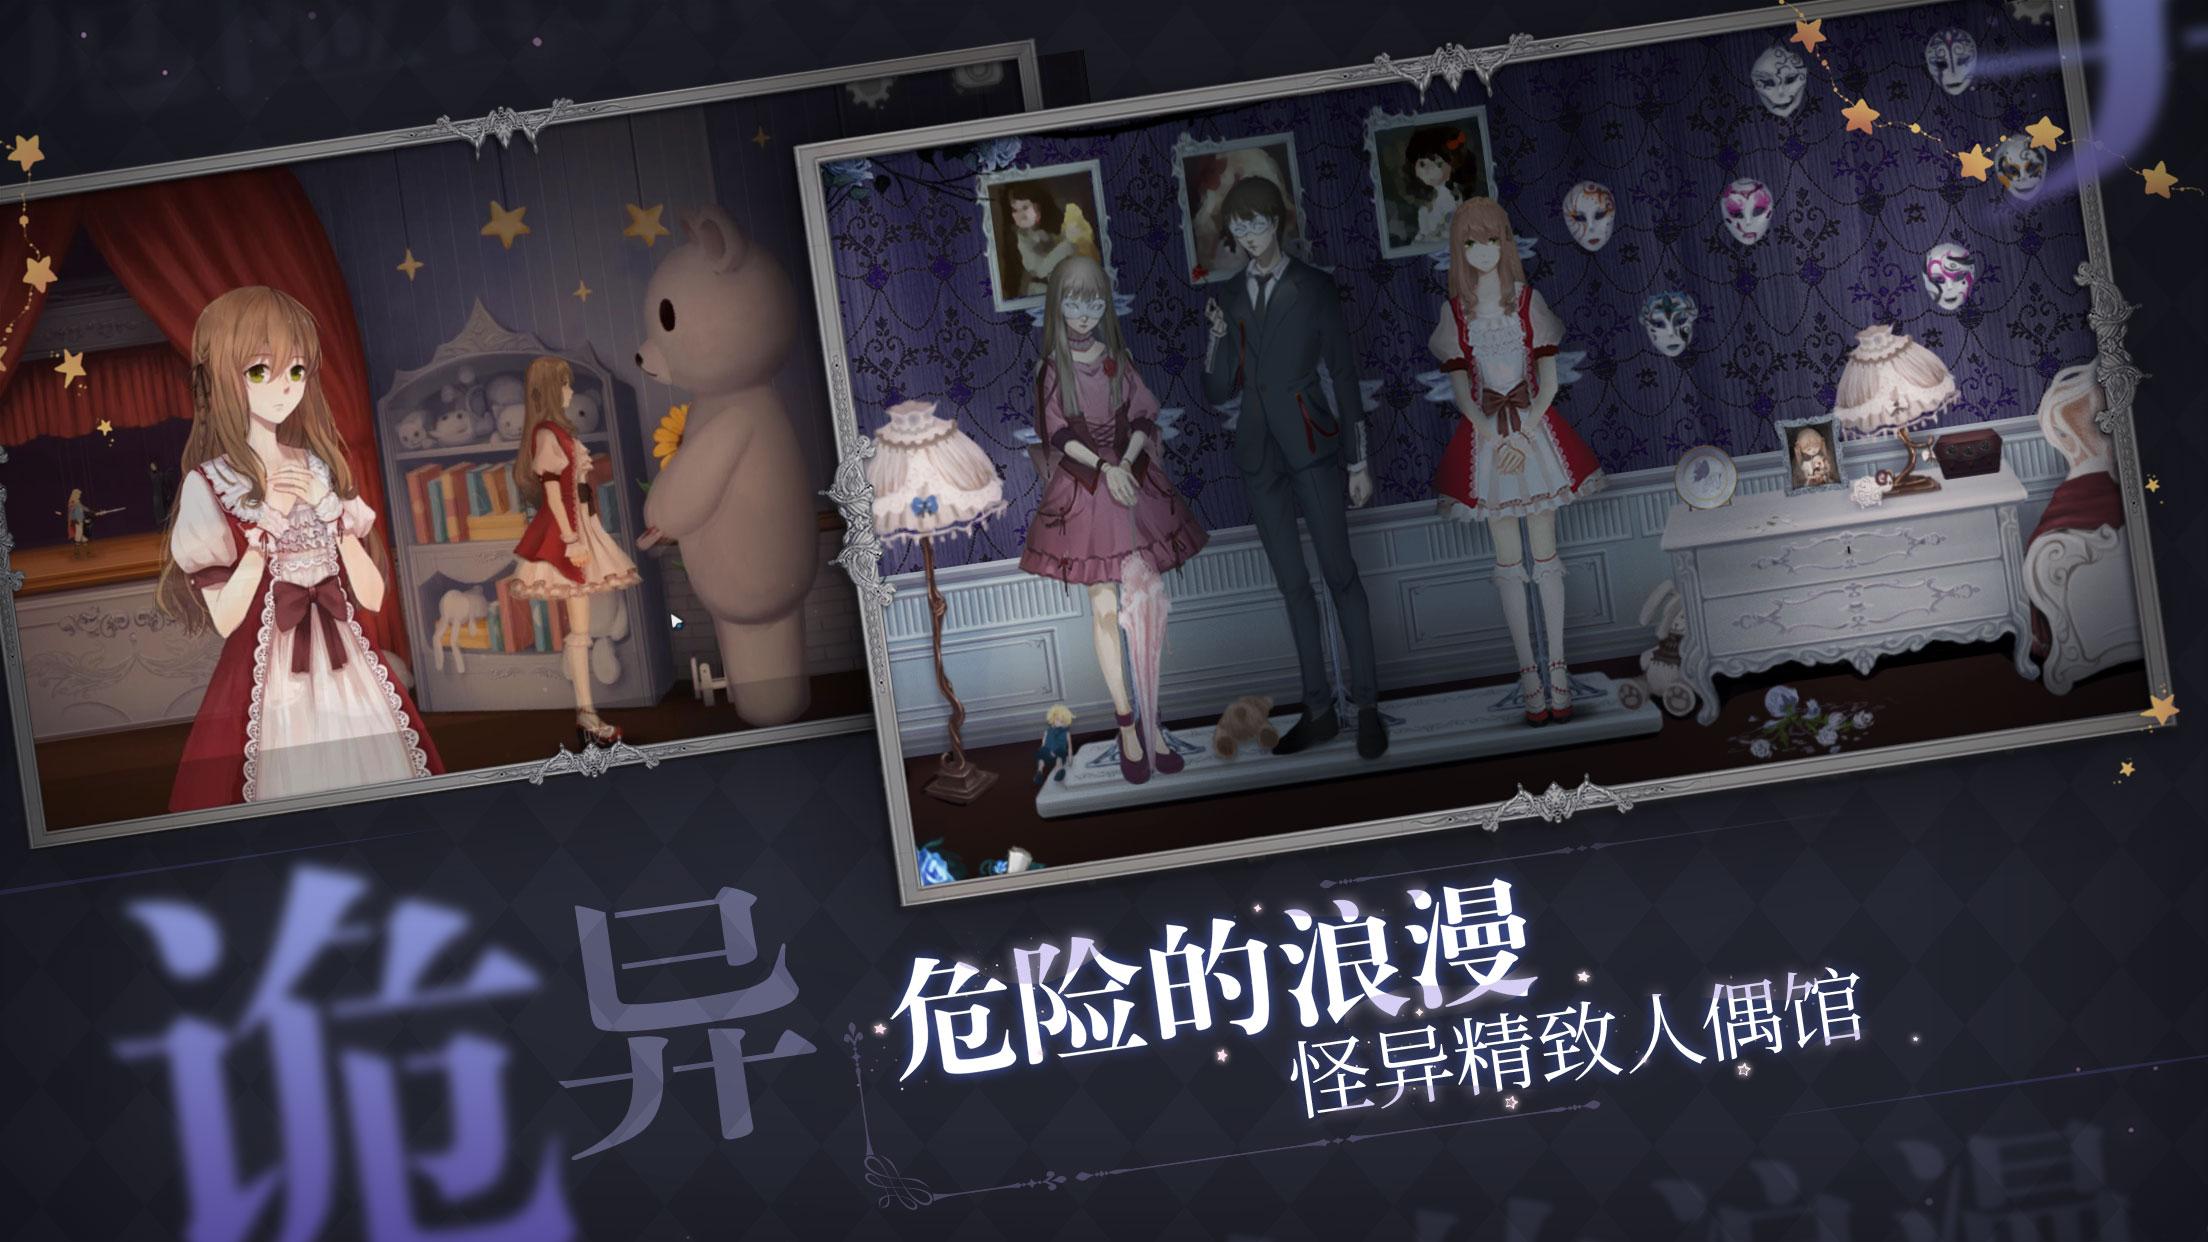 Screenshot 2: 人偶馆绮幻夜